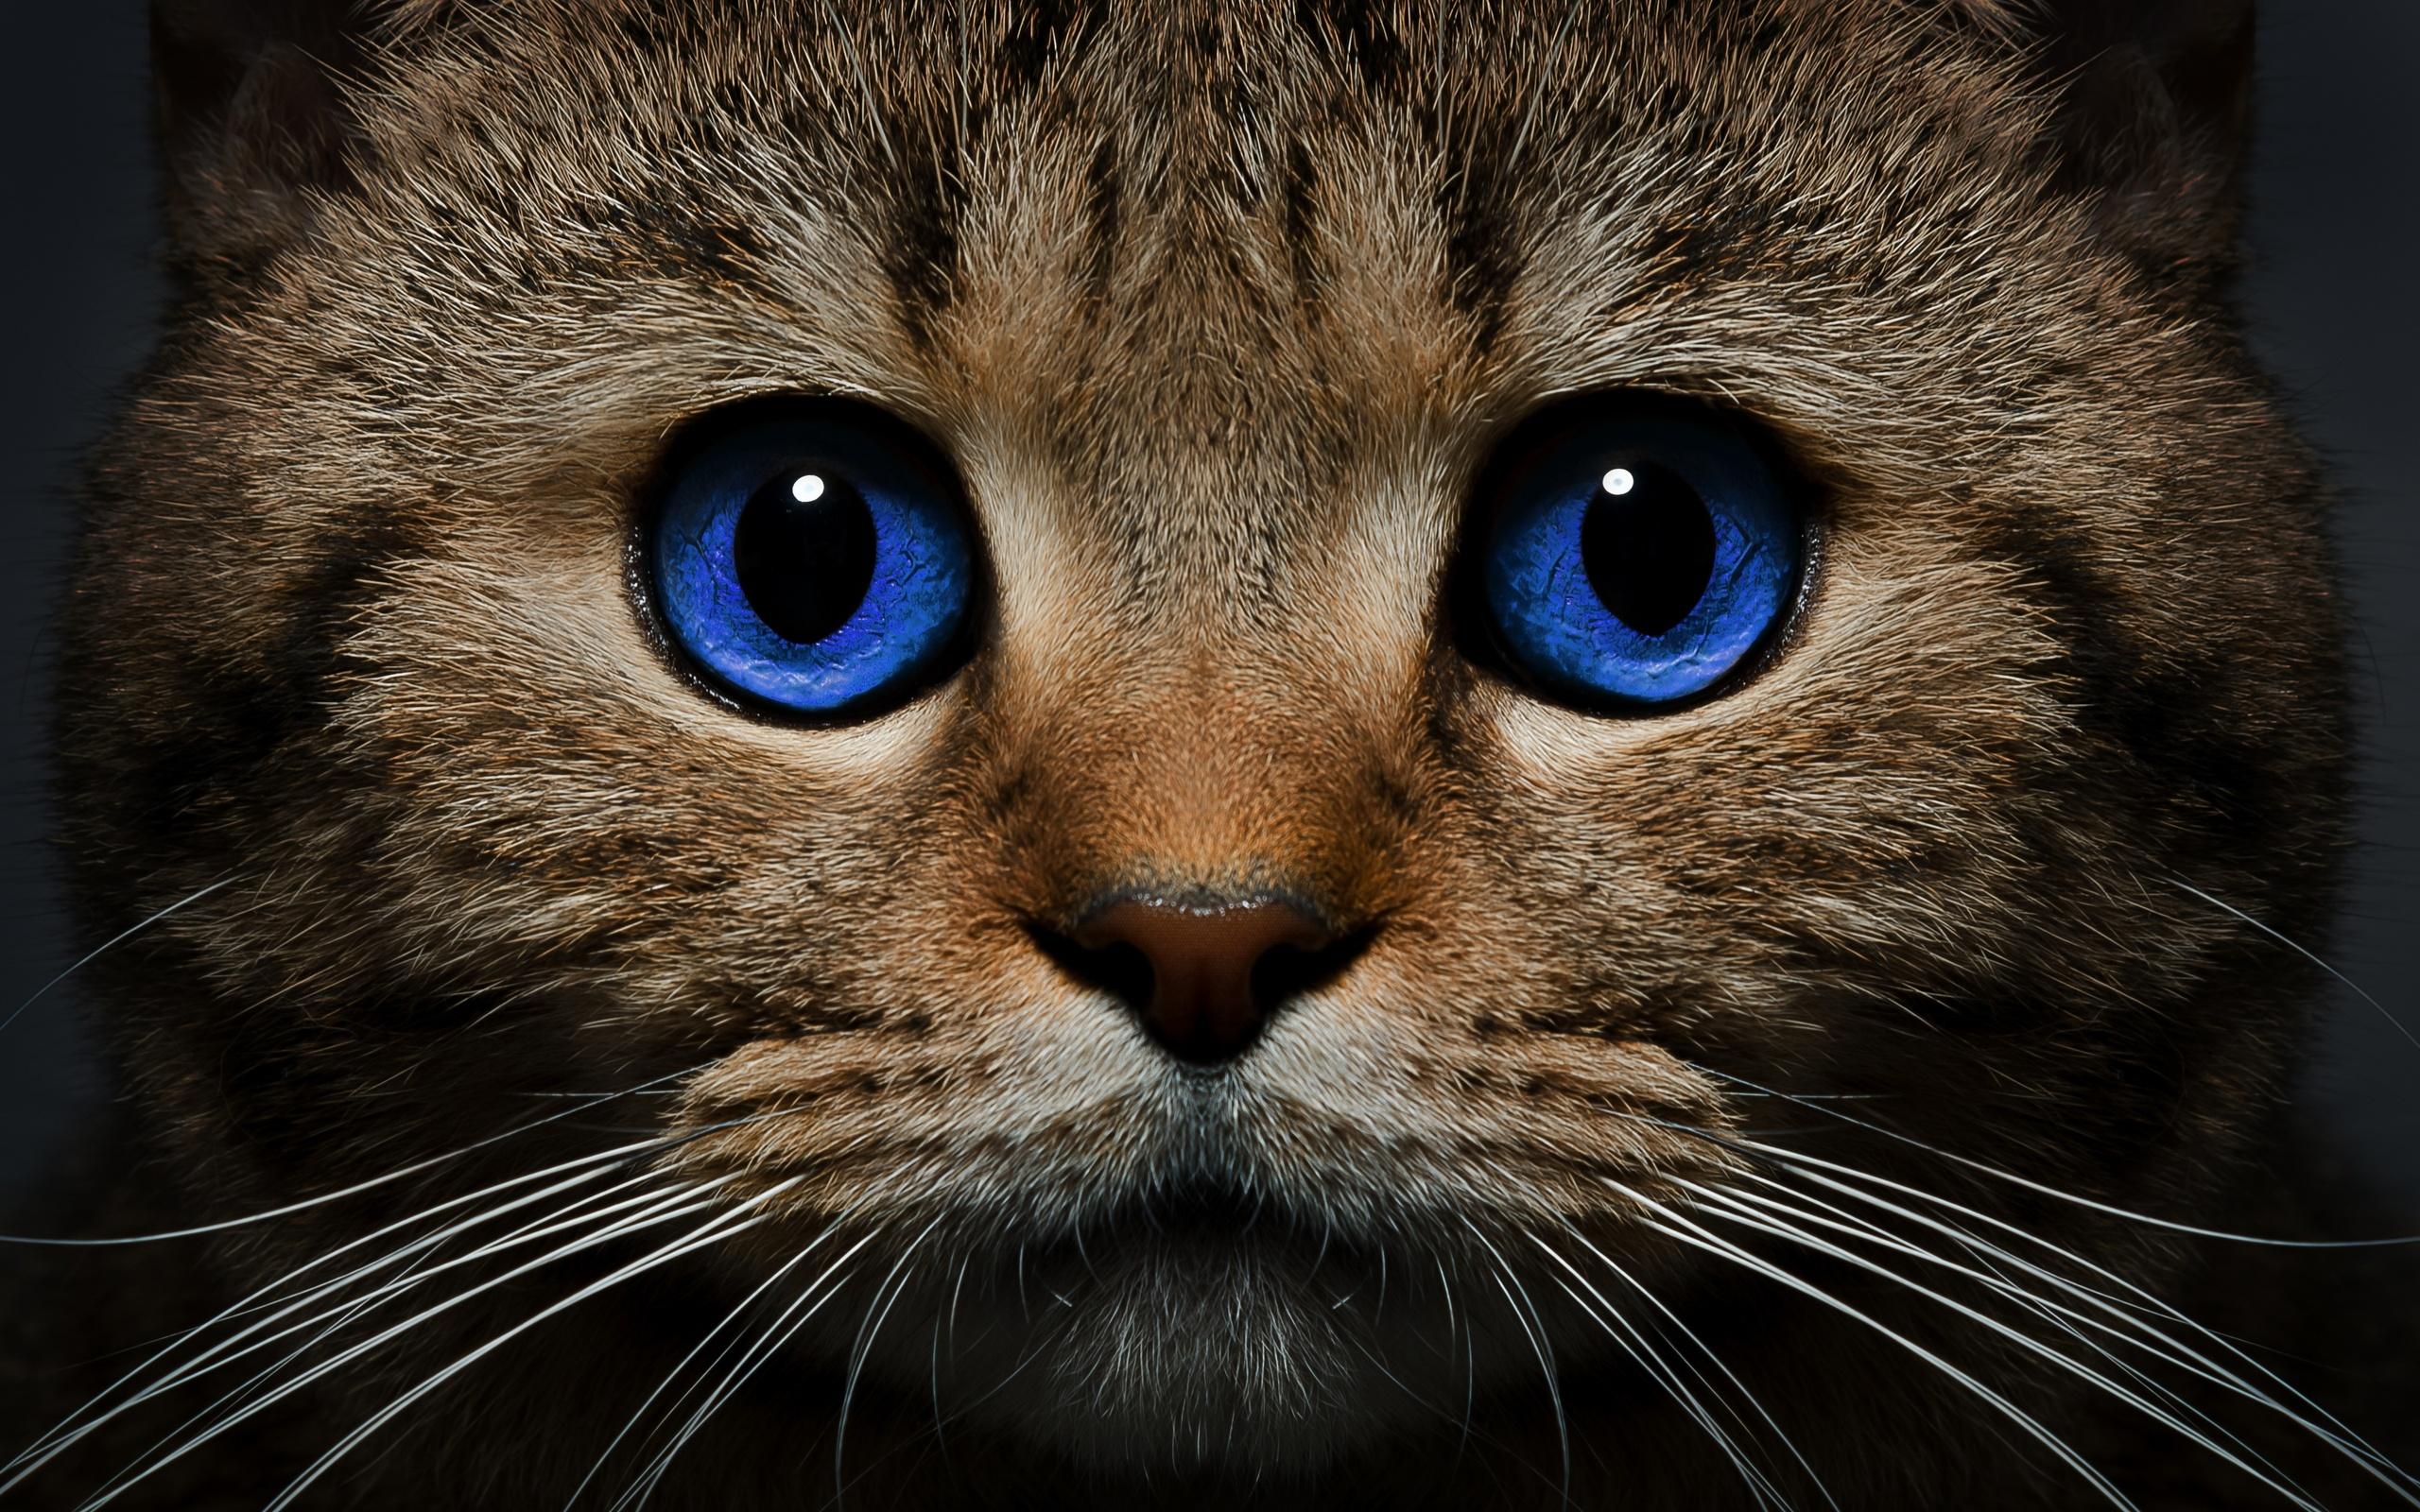 Фотографии кошек картинки, распечатку